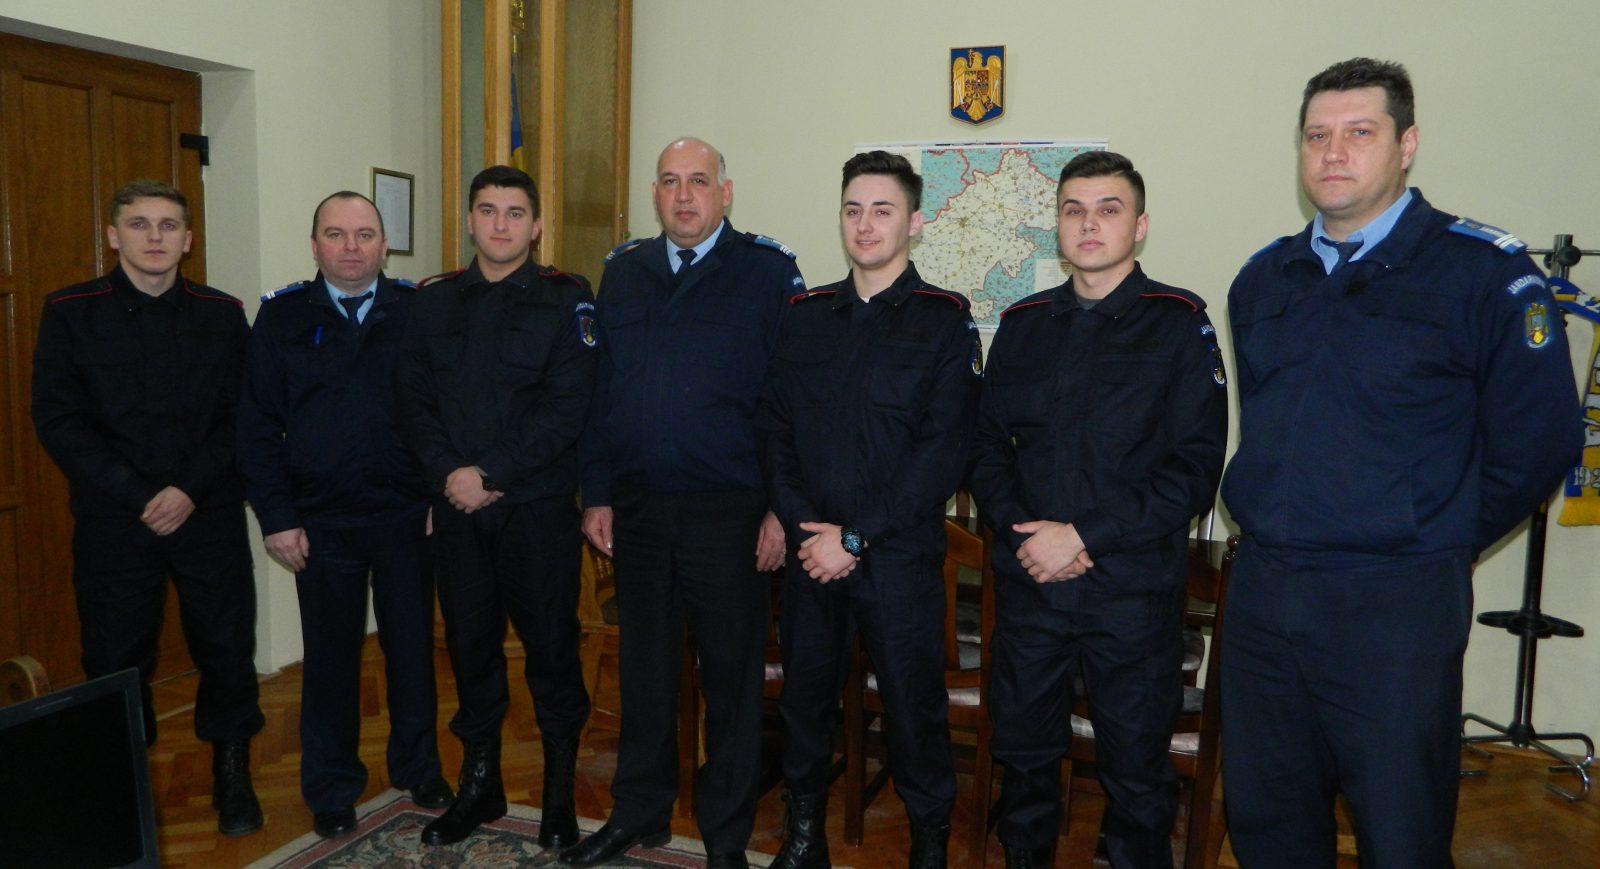 Patru elevi au început practica la Inspectoratul de Jandarmi Satu Mare